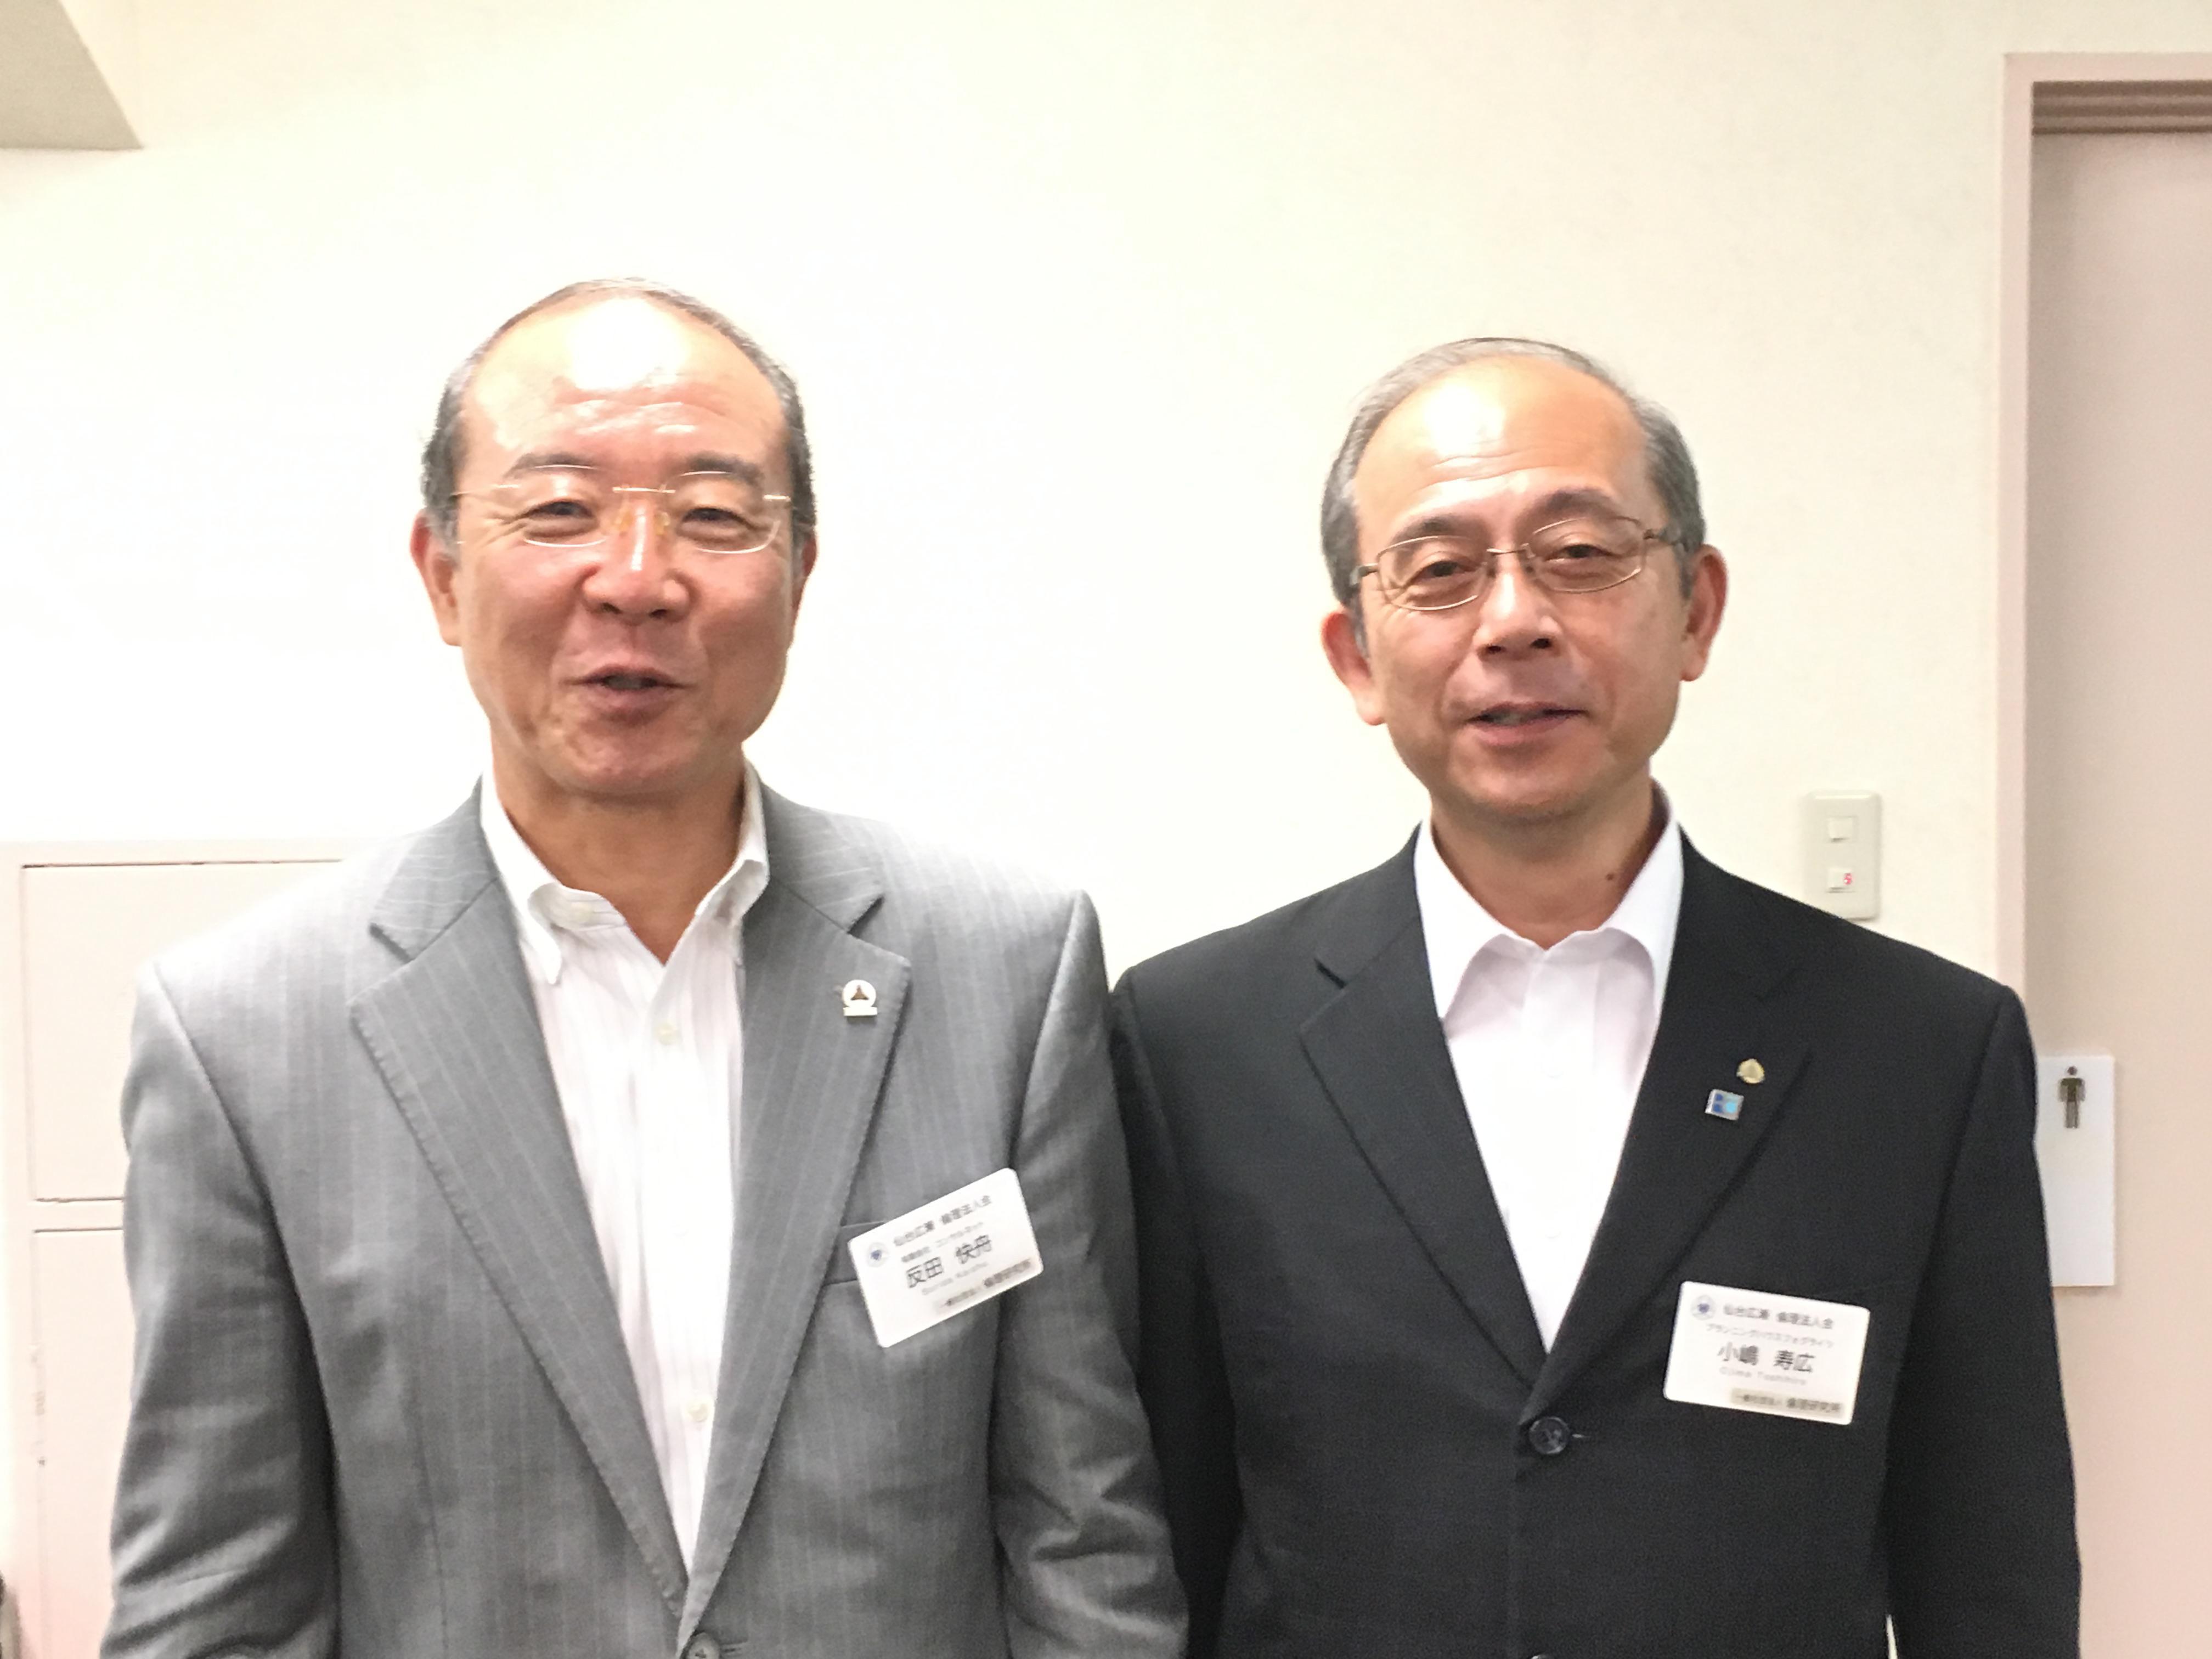 反田会長、小嶋専任幹事ありがとうございます